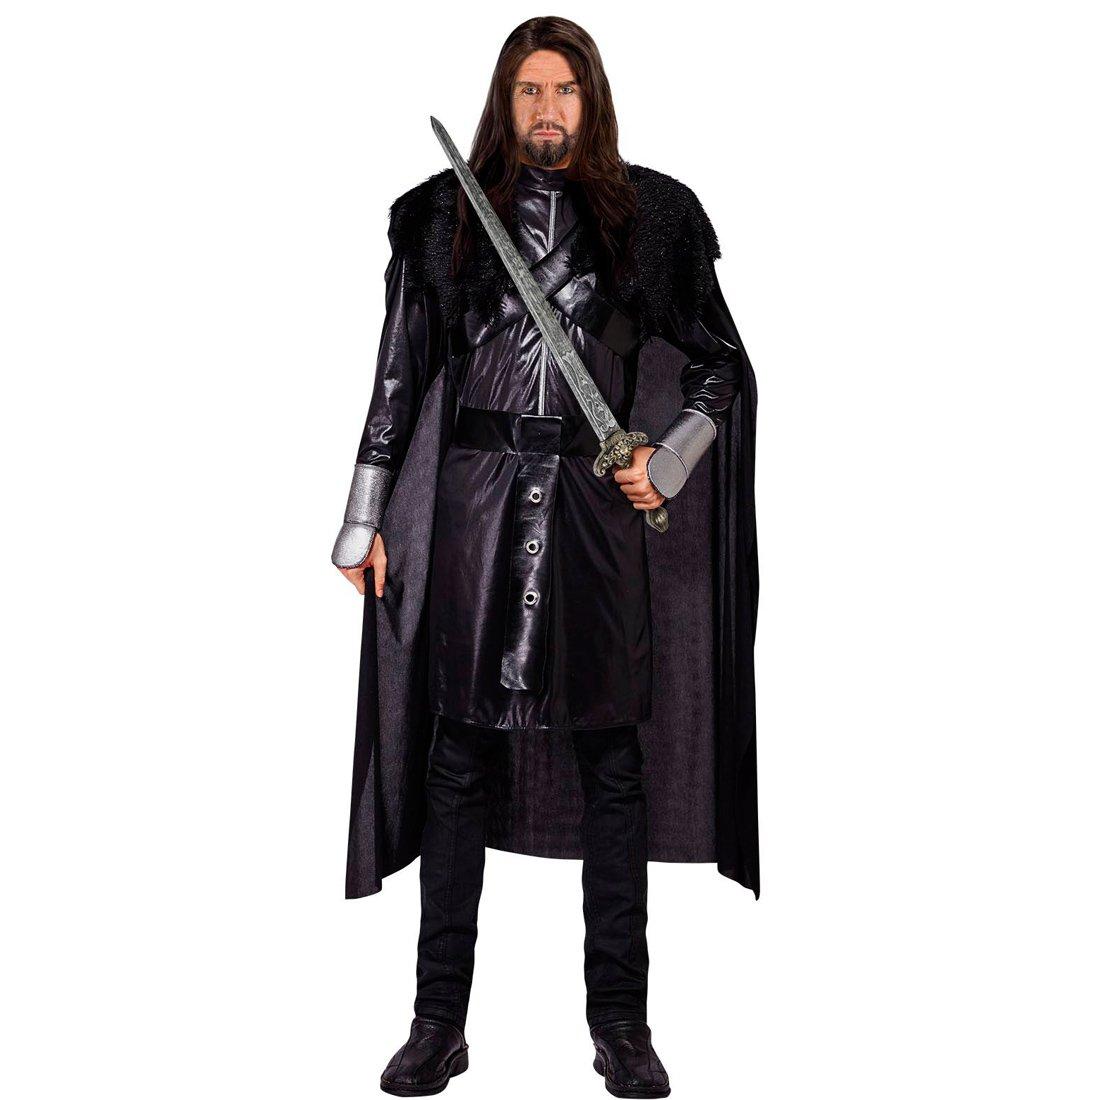 Traje Guerrero Medieval - M (ES 50)   Disfraz Caballero Oscuro   Traje Caballero Negro   Atuendo Vikingo Carnaval